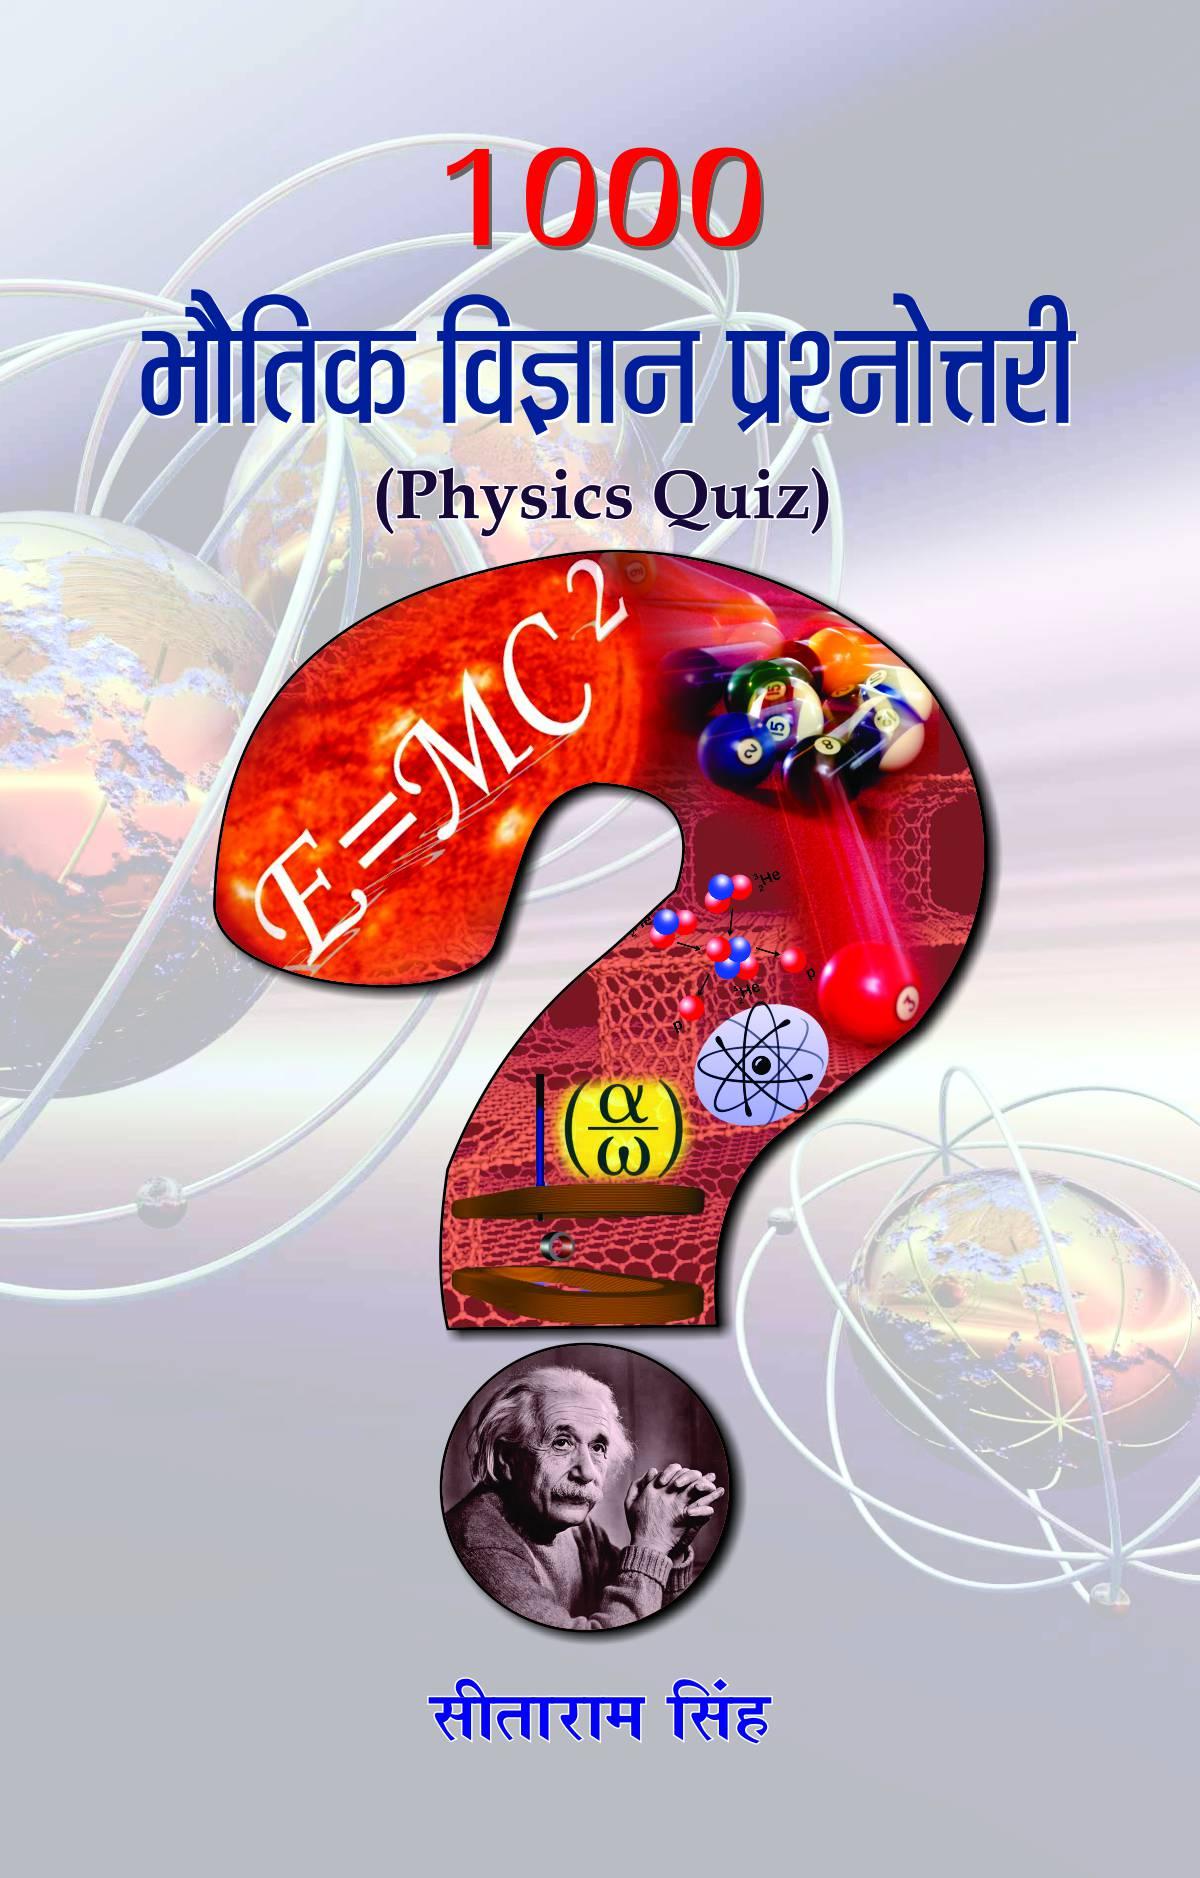 1000 Bhautik Vigyan Prashnottari